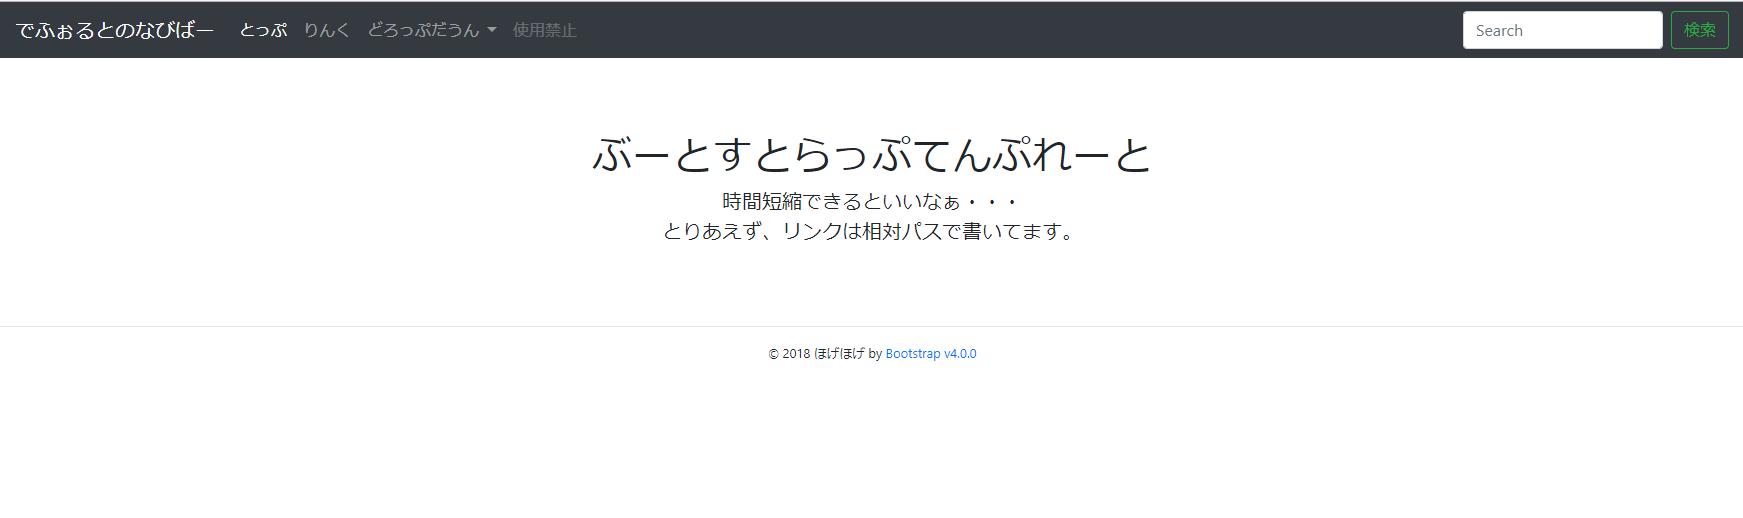 テンプレ用HTMLをブラウザで開いて見たらこうなる.png